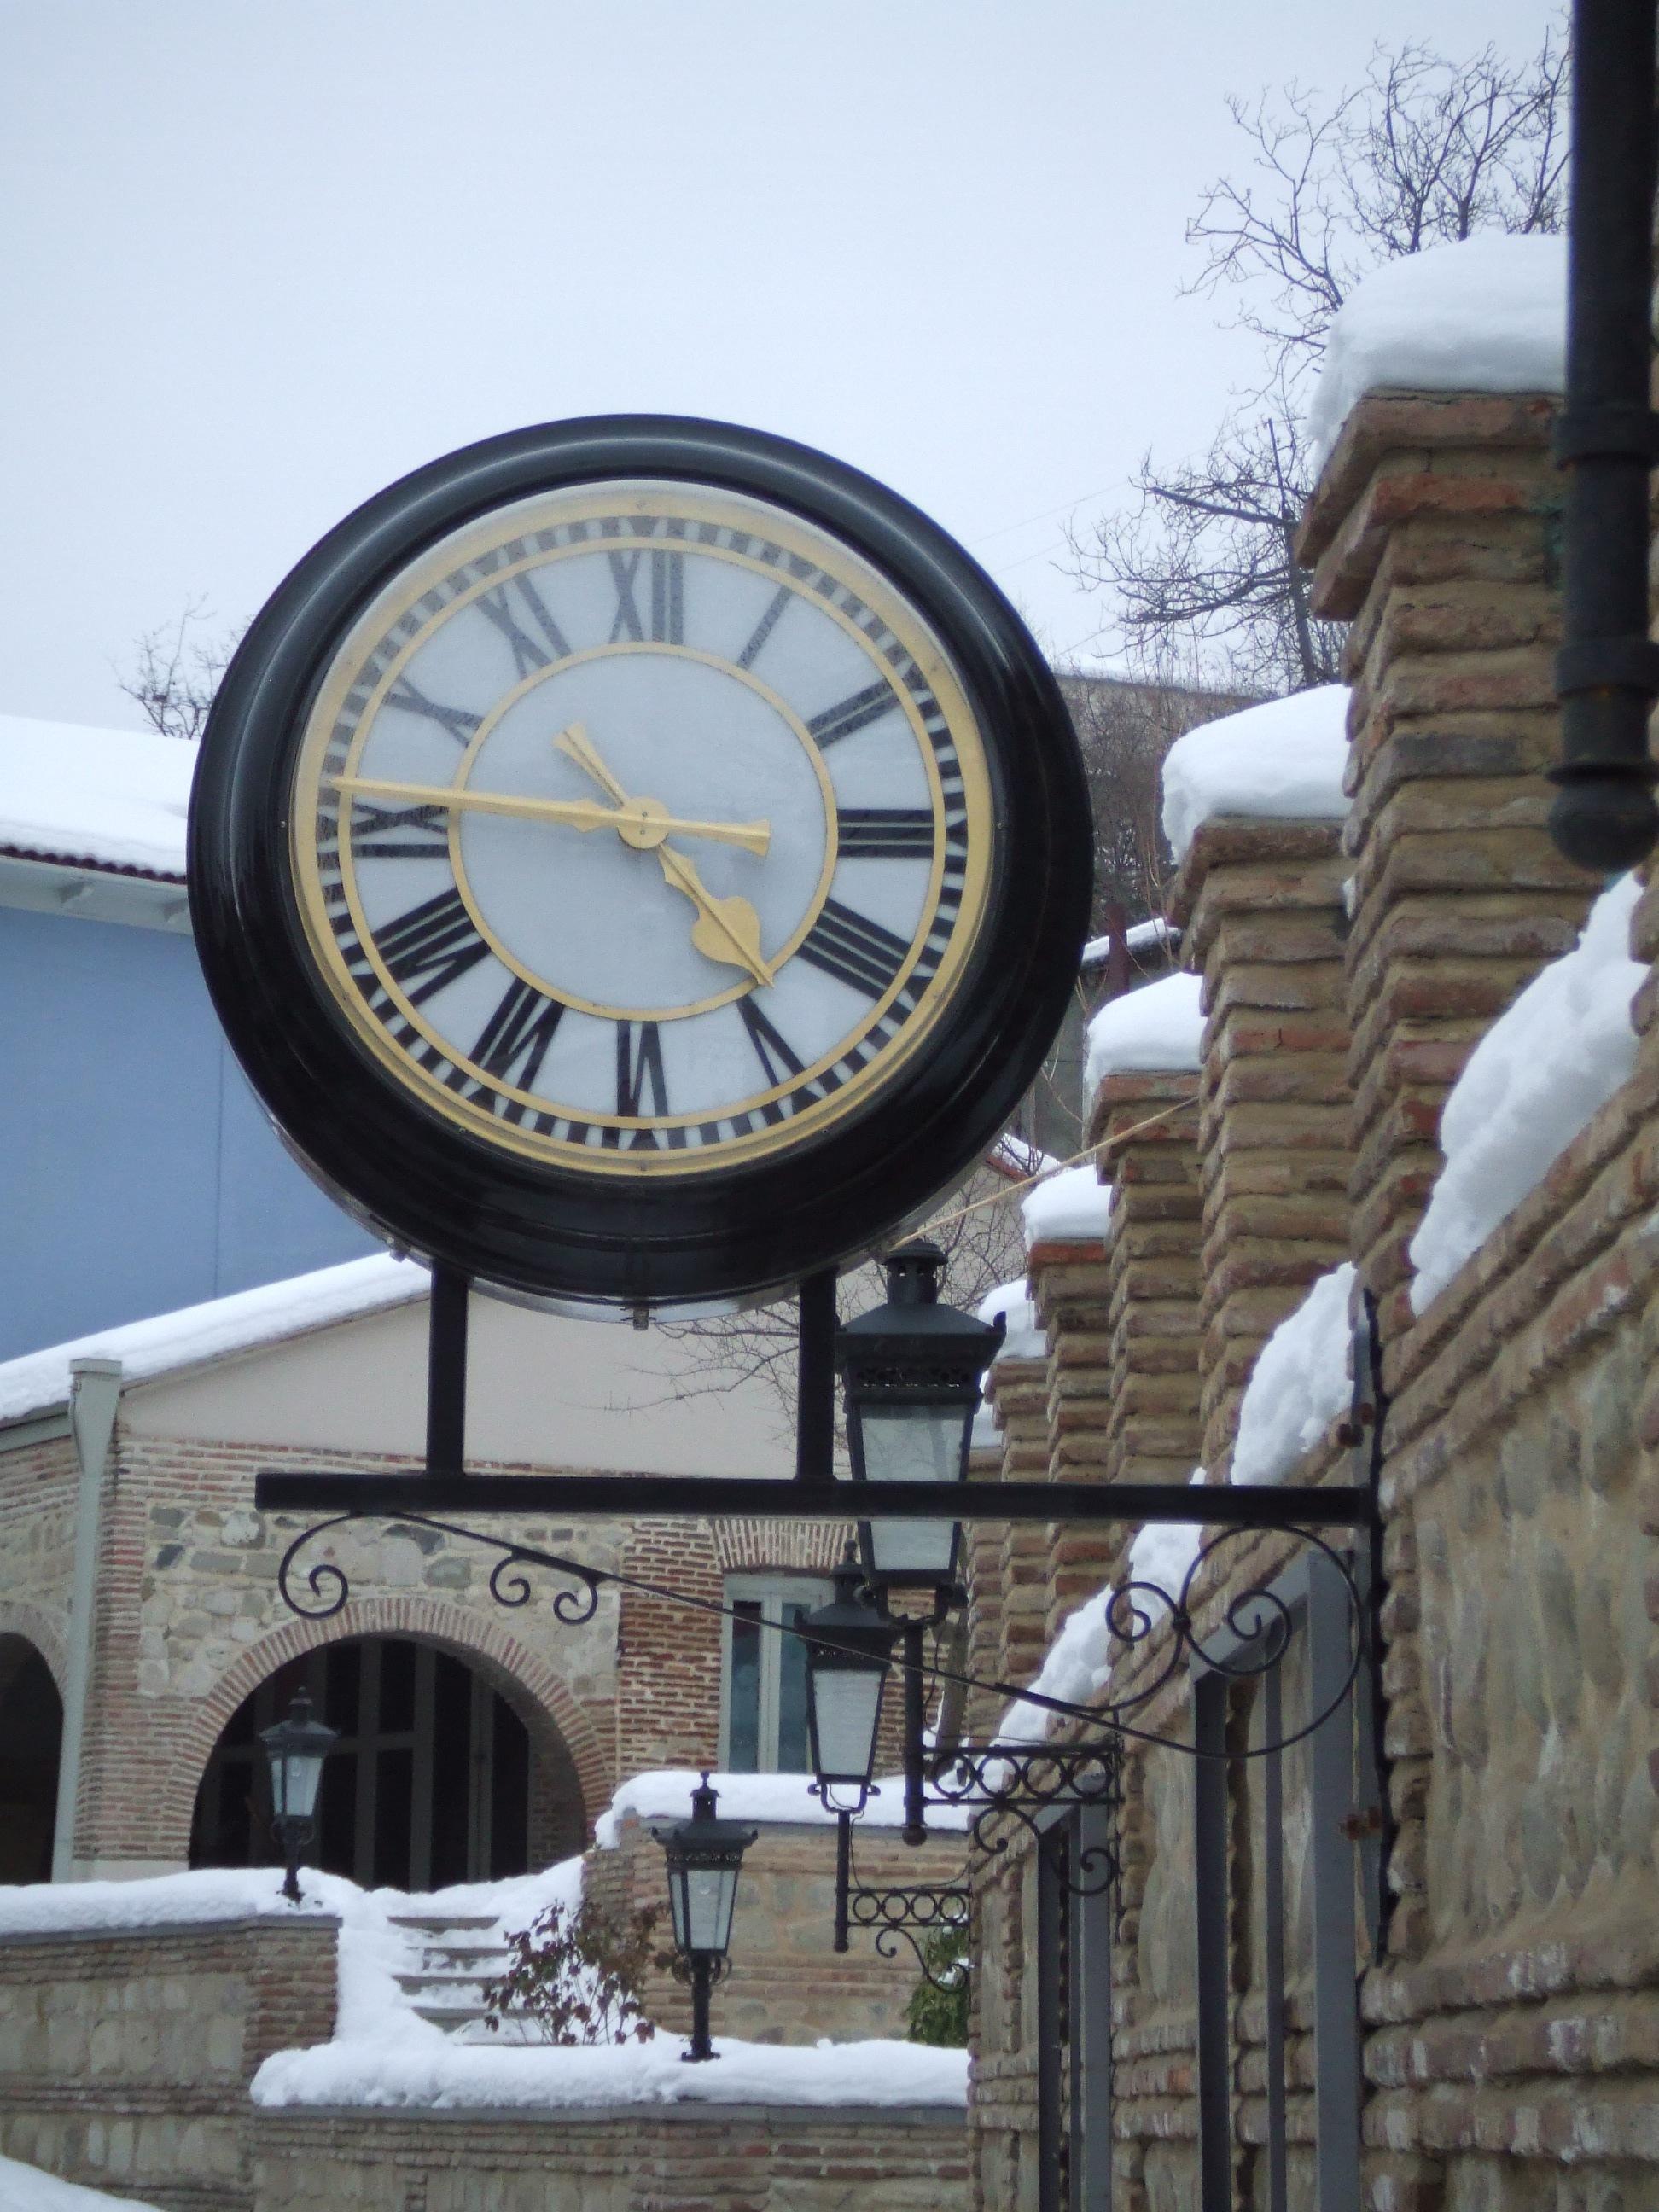 Drum clock in Georgia